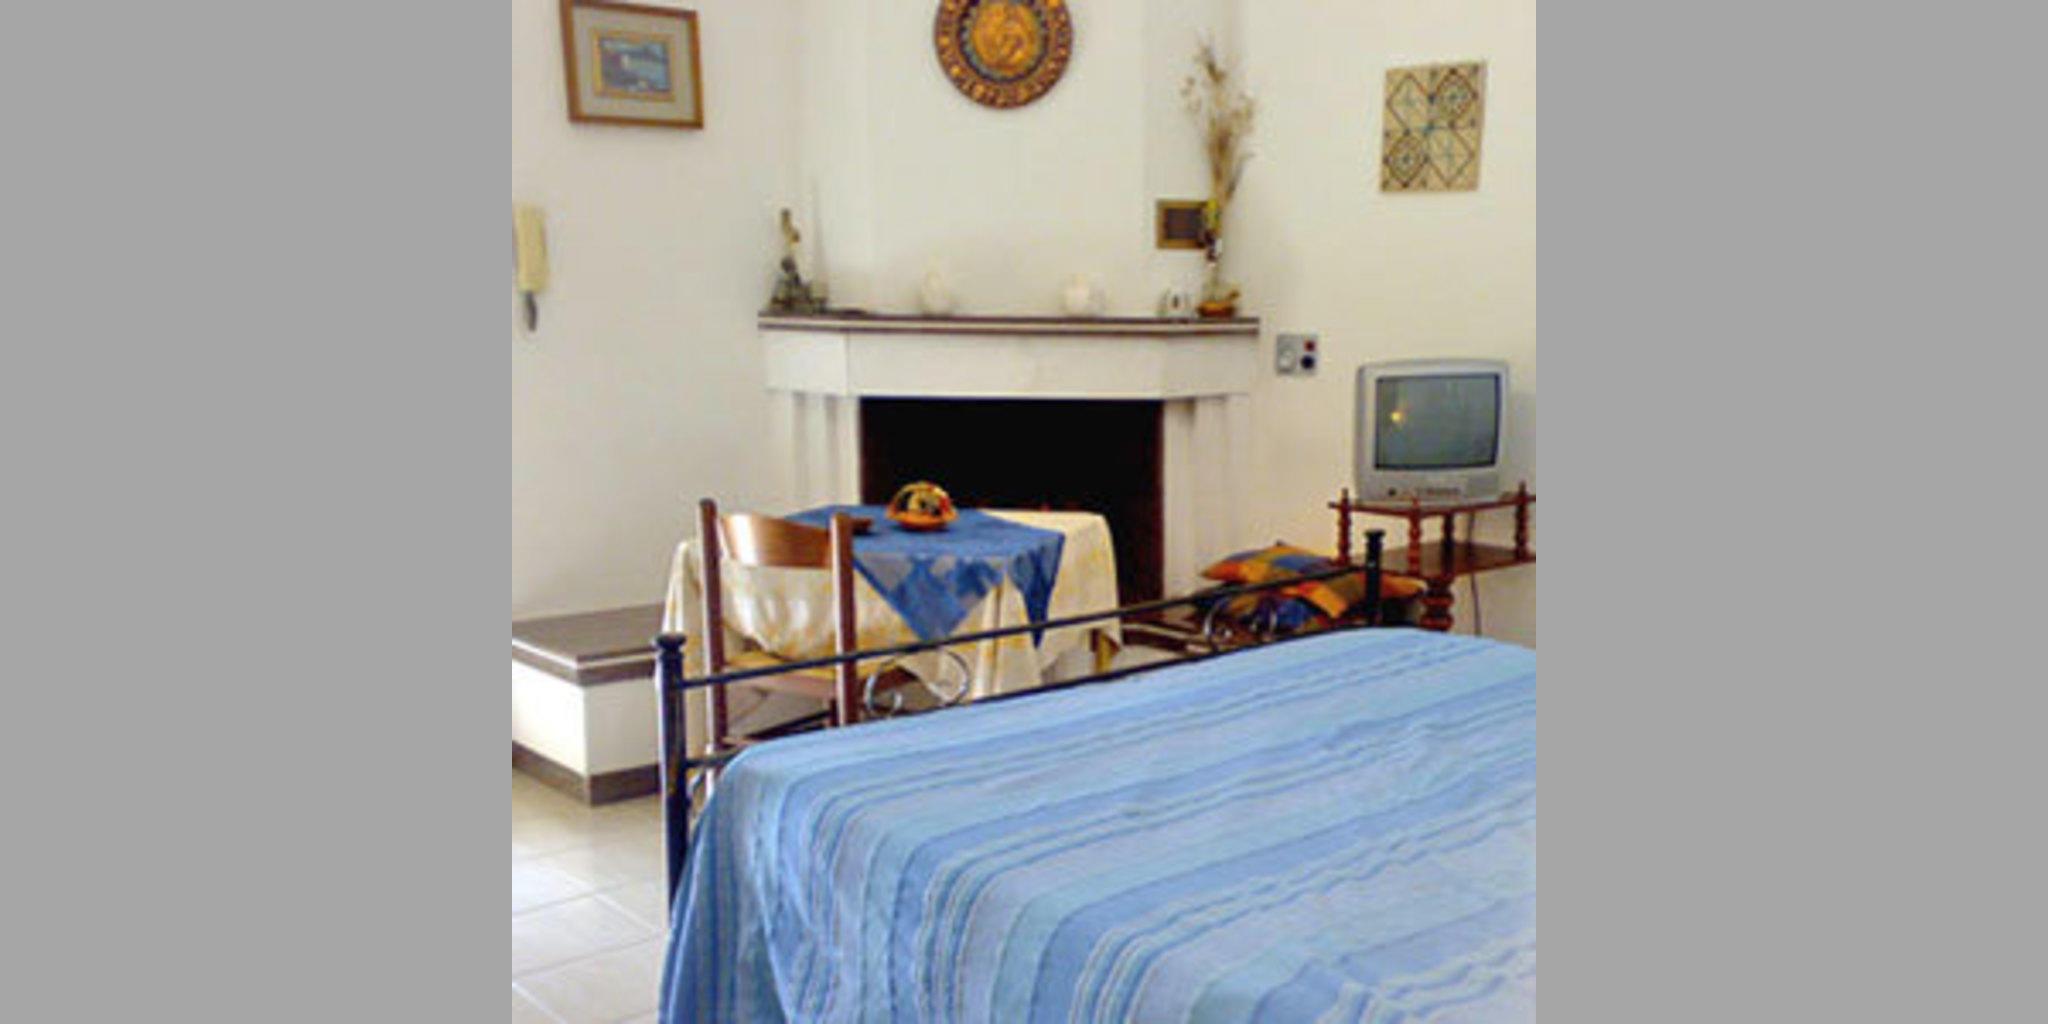 Bed & Breakfast Castellana Grotte - Selva Di Fasano_